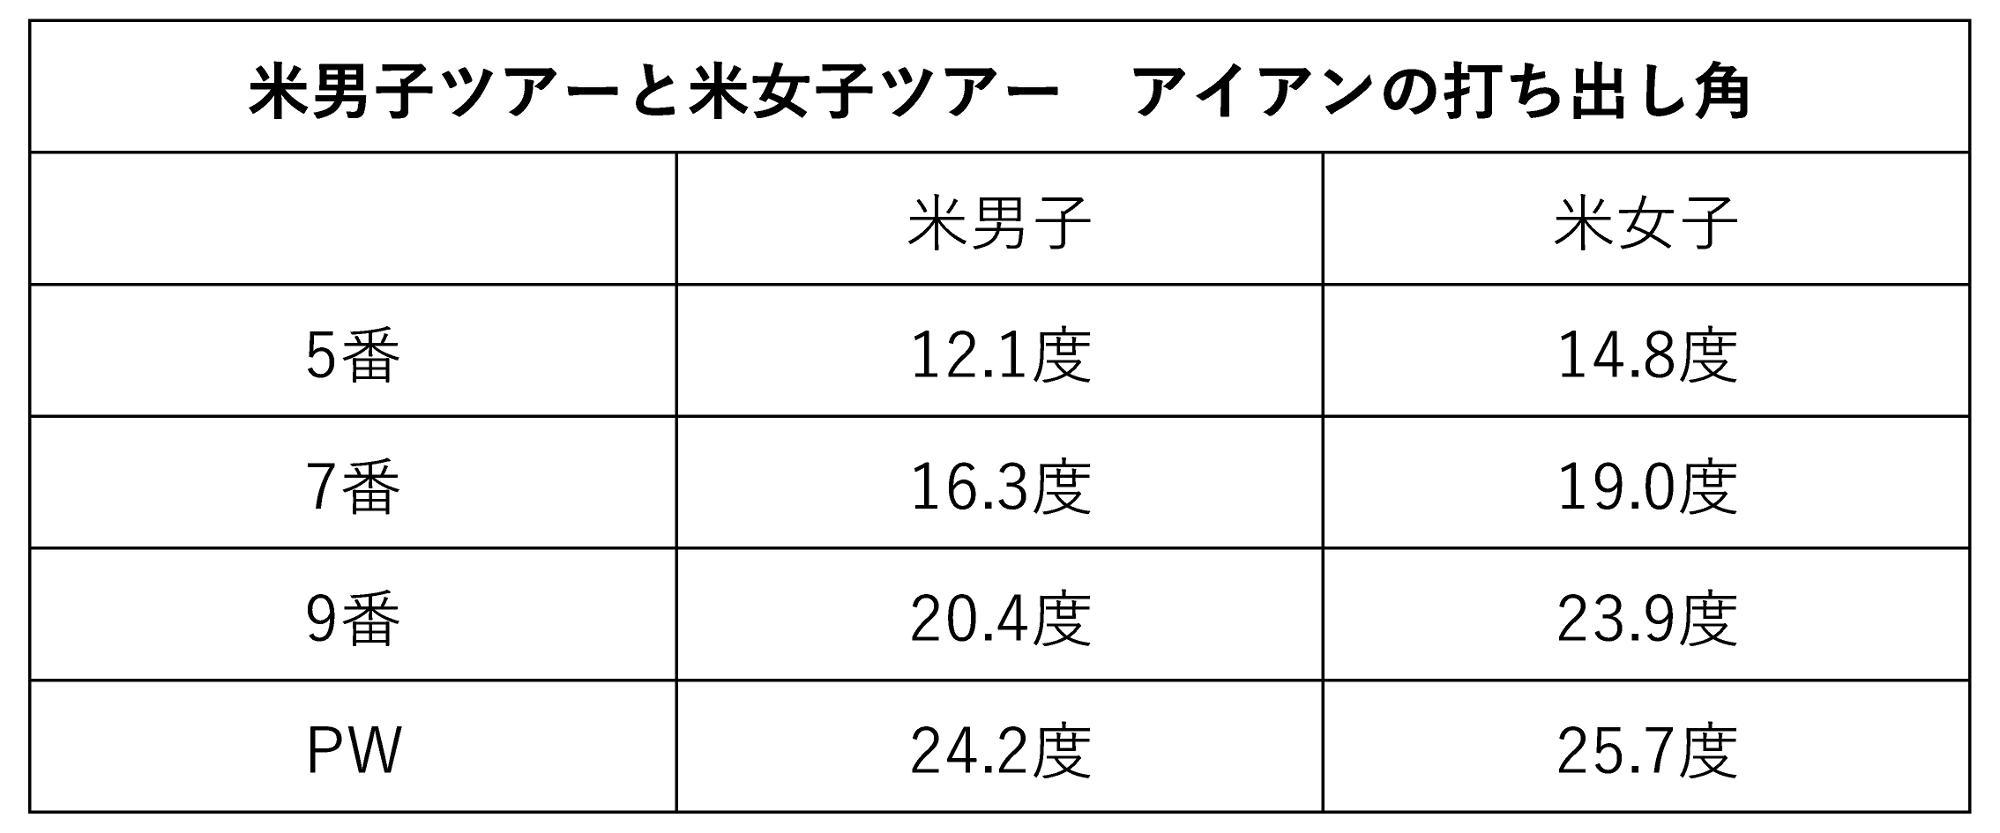 出典・トラックマン ジャパン